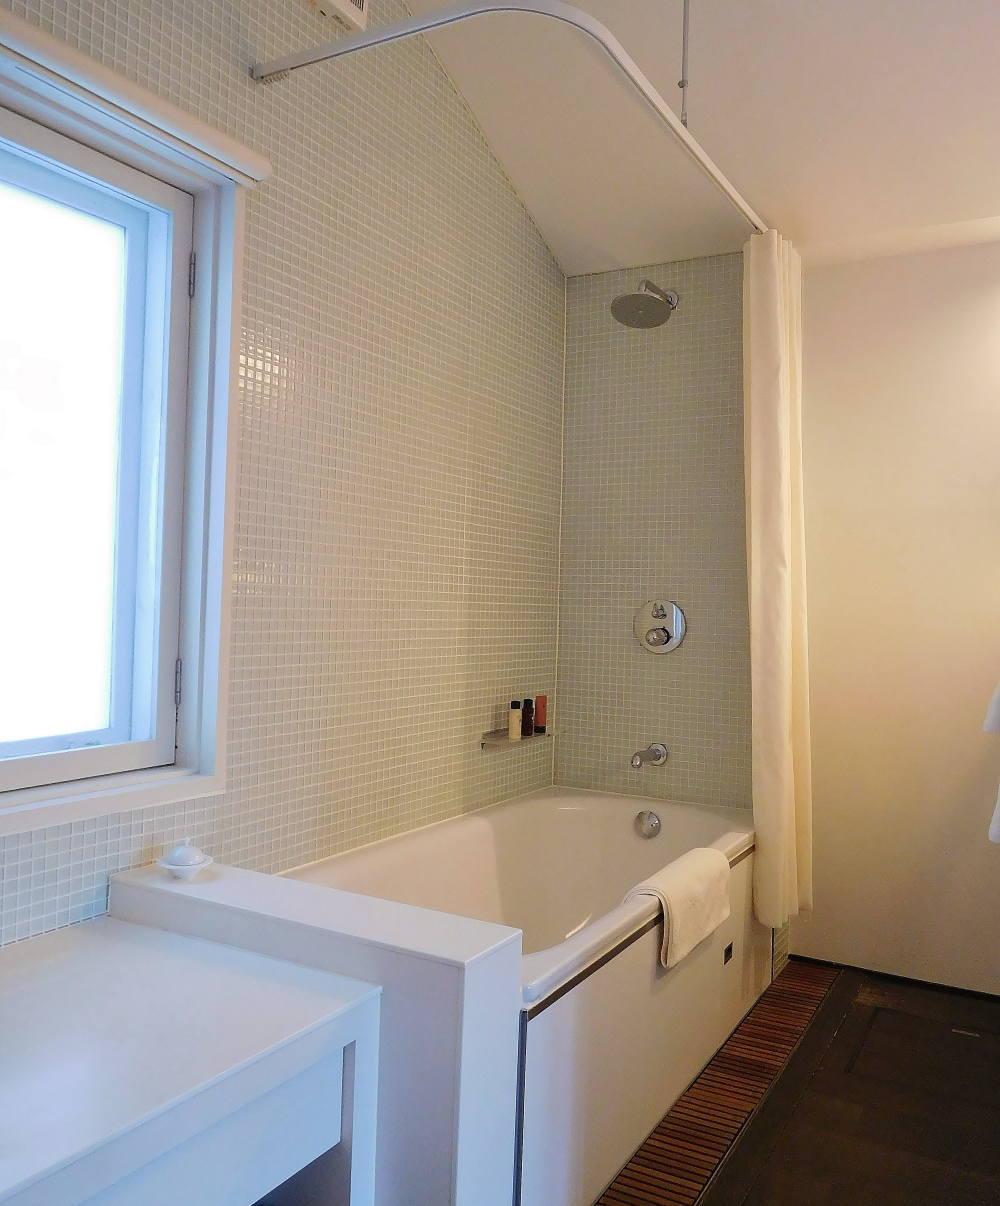 ブレストンコート バスルーム 風呂